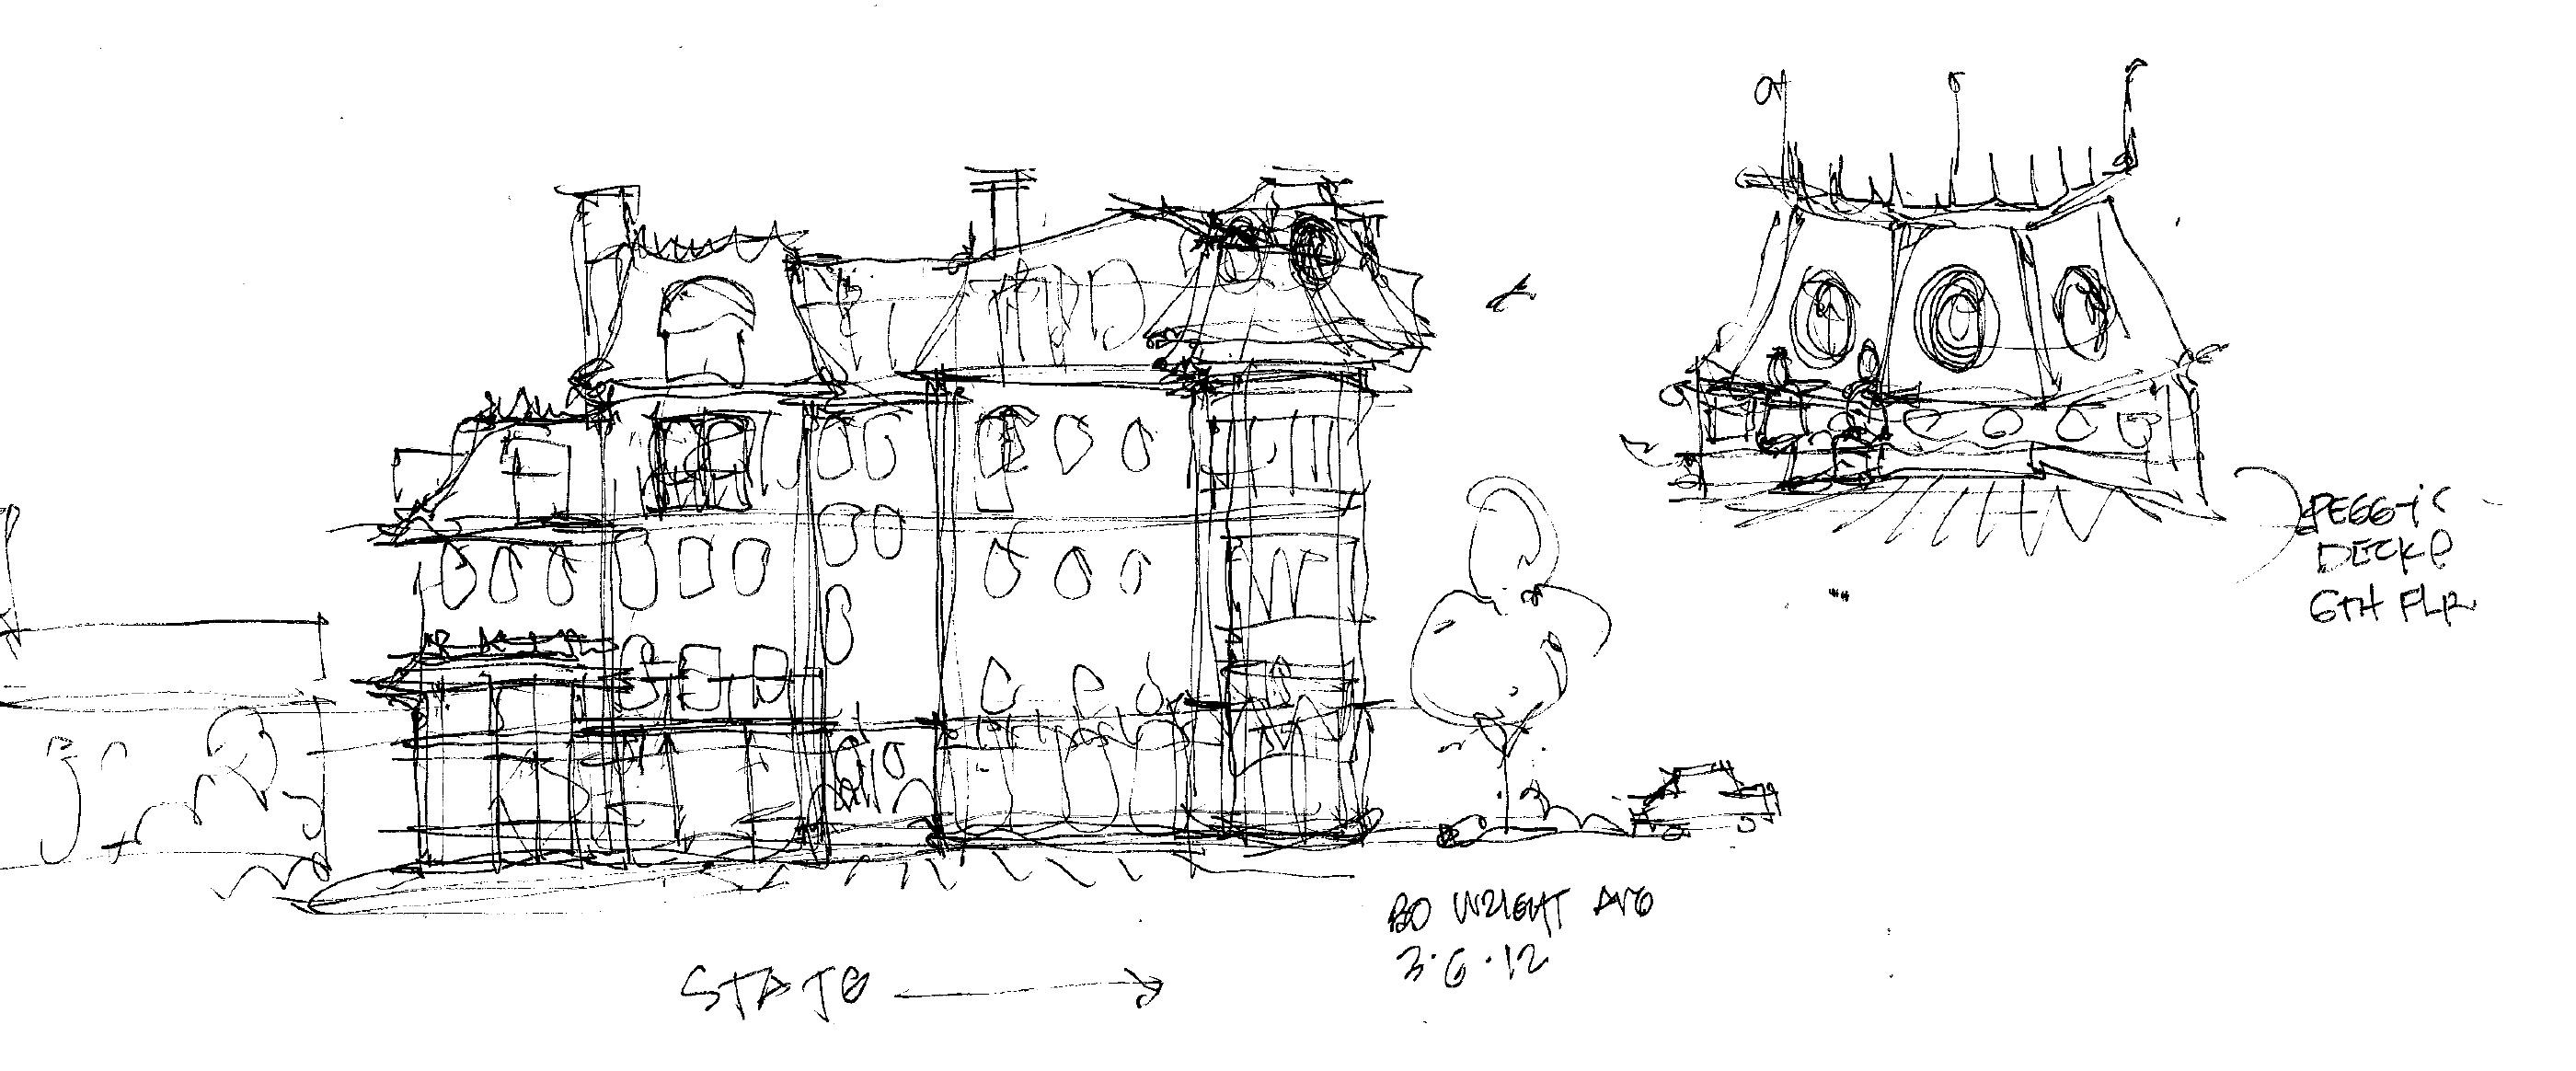 somma-parkside-portsmouth-sketch